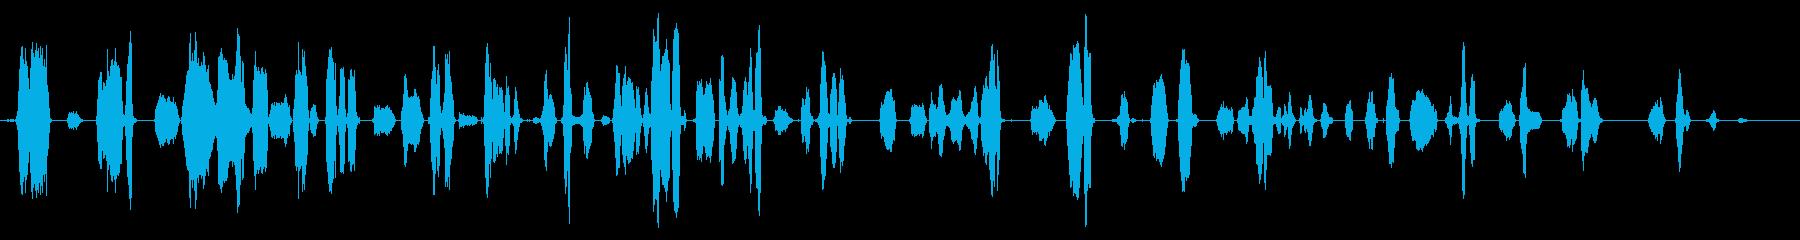 女性:恐ろしい叫び声と泣き声、話そ...の再生済みの波形